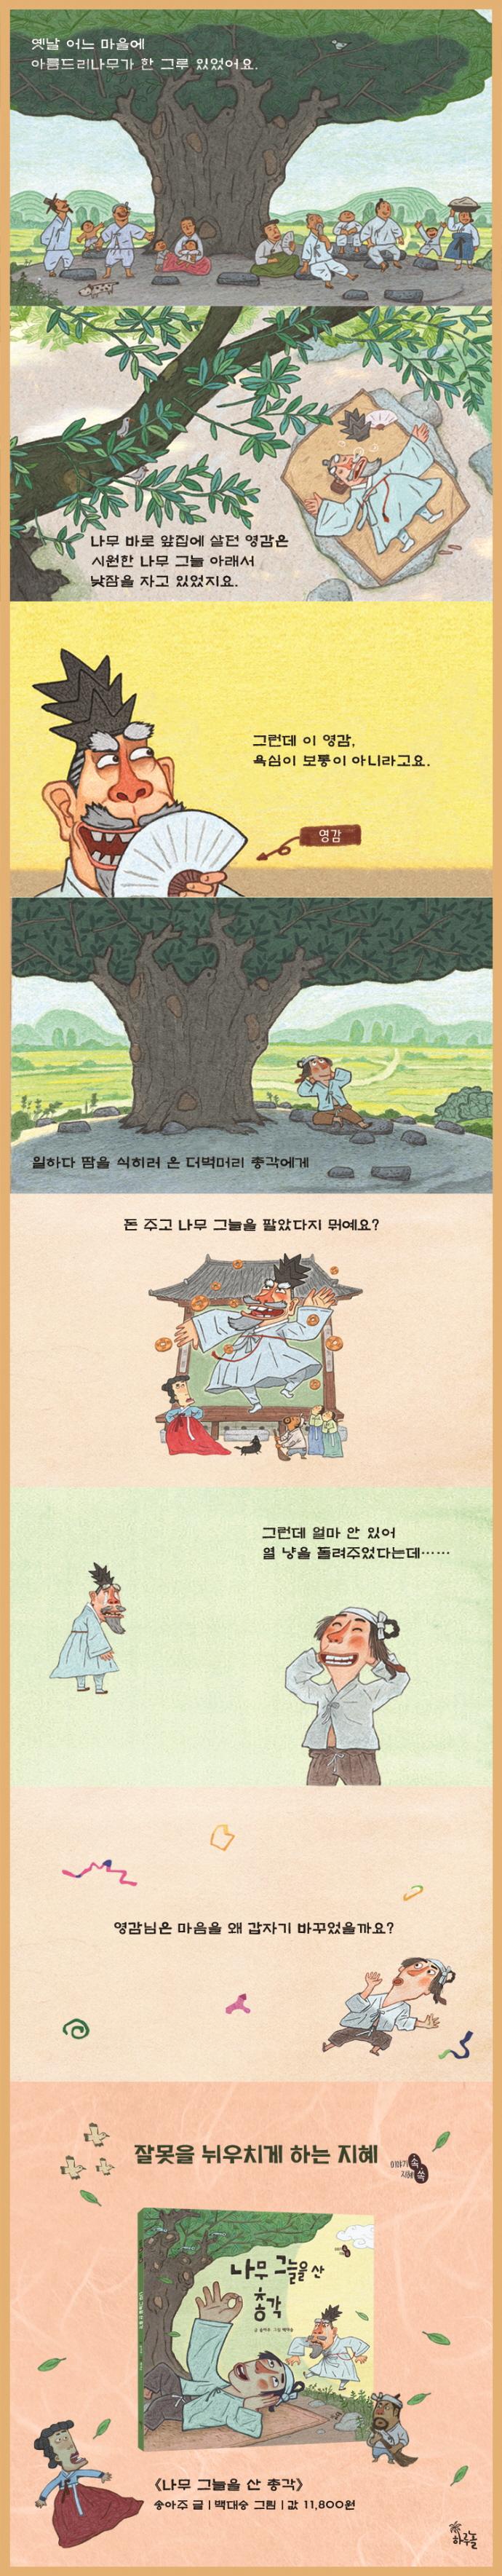 나무 그늘을 산 총각(이야기 속 지혜 쏙)(양장본 HardCover) 도서 상세이미지